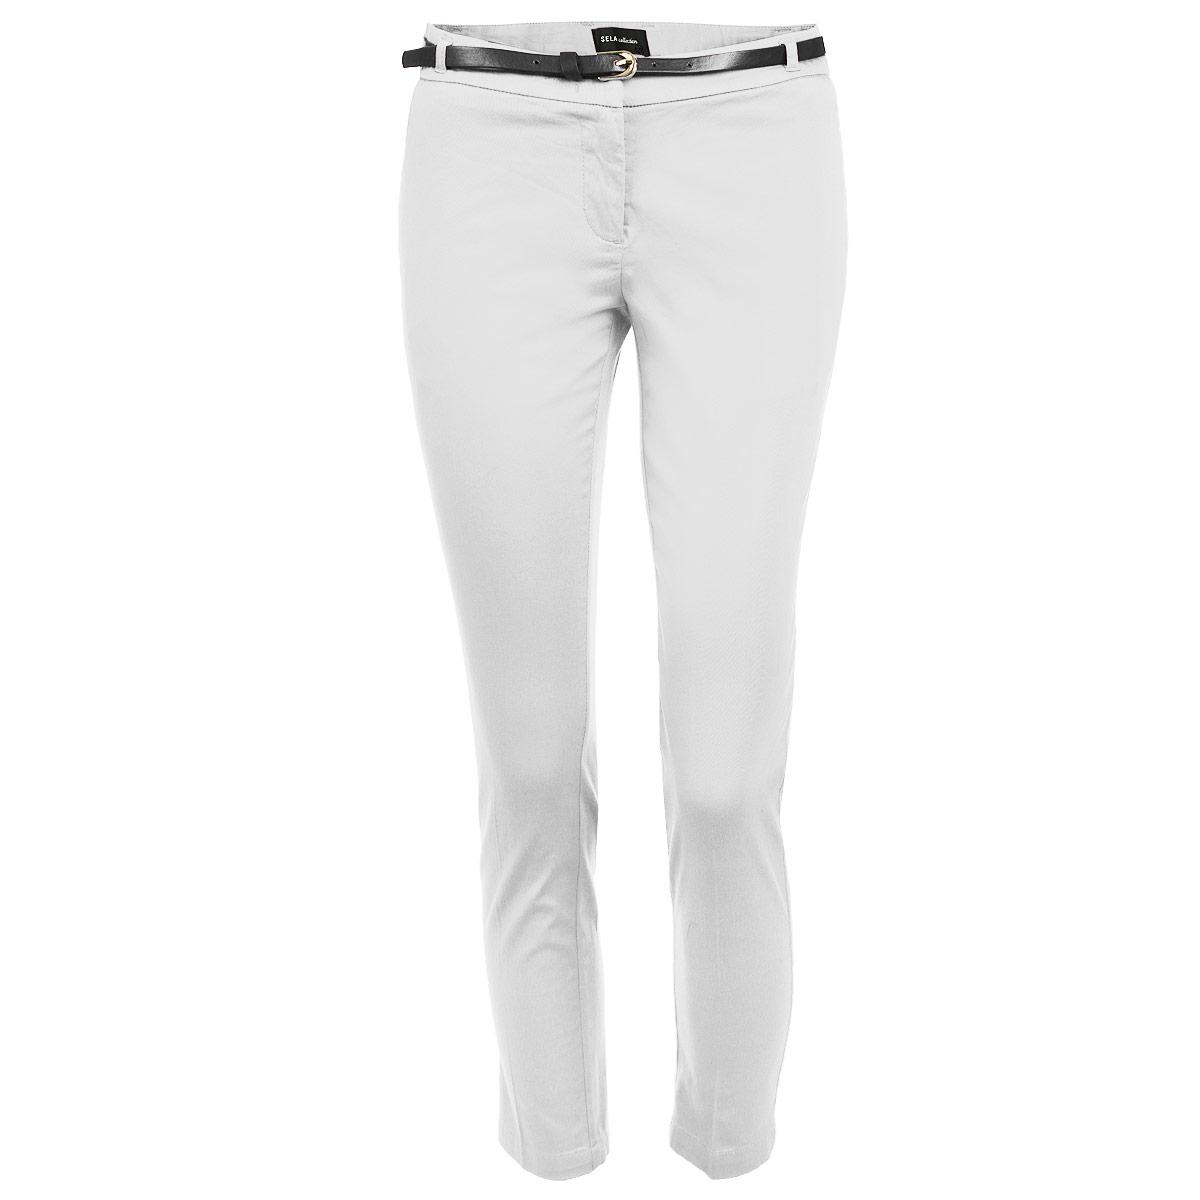 Брюки женские. P-115/400-5275P-115/400-5275Стильные женские брюки Sela созданы специально для того, чтобы подчеркивать достоинства вашей фигуры. Модель зауженного к низу кроя и укороченной длины станет отличным дополнением к вашему современному образу. Застегиваются брюки на два крючка в поясе и ширинку на застежке-молнии, имеются шлевки для ремня и тонкий ремешок в комплекте. Спереди модель оформлена двумя втачными карманами-обманками и маленьким потайным кармашком, а сзади - имитацией прорезных кармашков. Эти модные и в тоже время комфортные брюки послужат отличным дополнением к вашему гардеробу. В них вы всегда будете чувствовать себя уютно и комфортно.